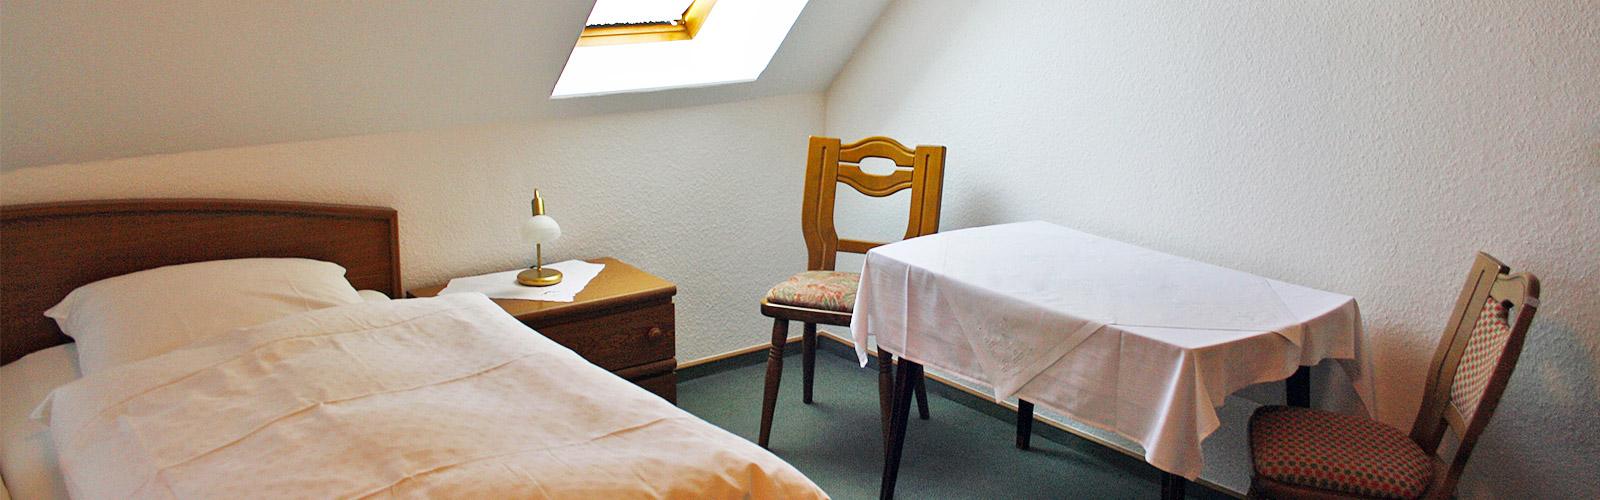 Zum alten Feld - Restaurant und Hotel - Die Zimmer